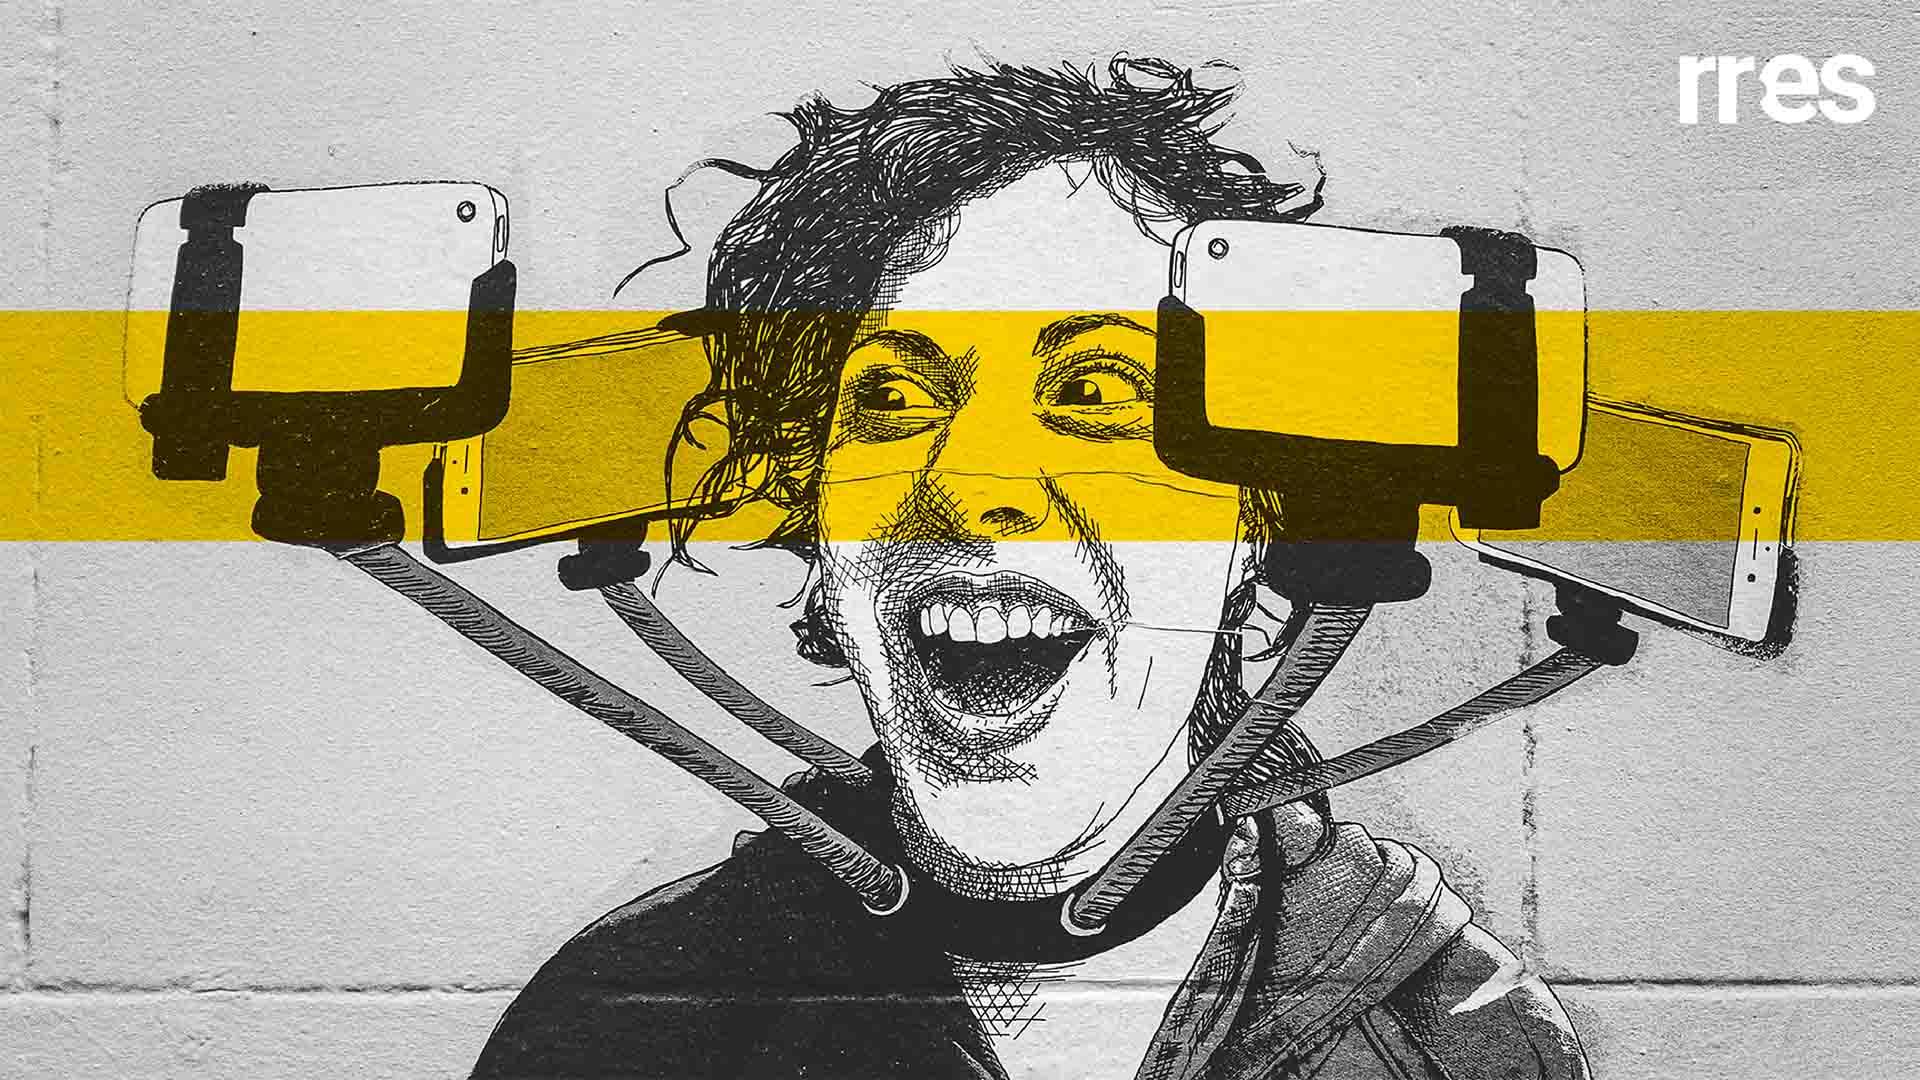 Cómo saber si tu ego tiene mucho ego, por Reuben Morales